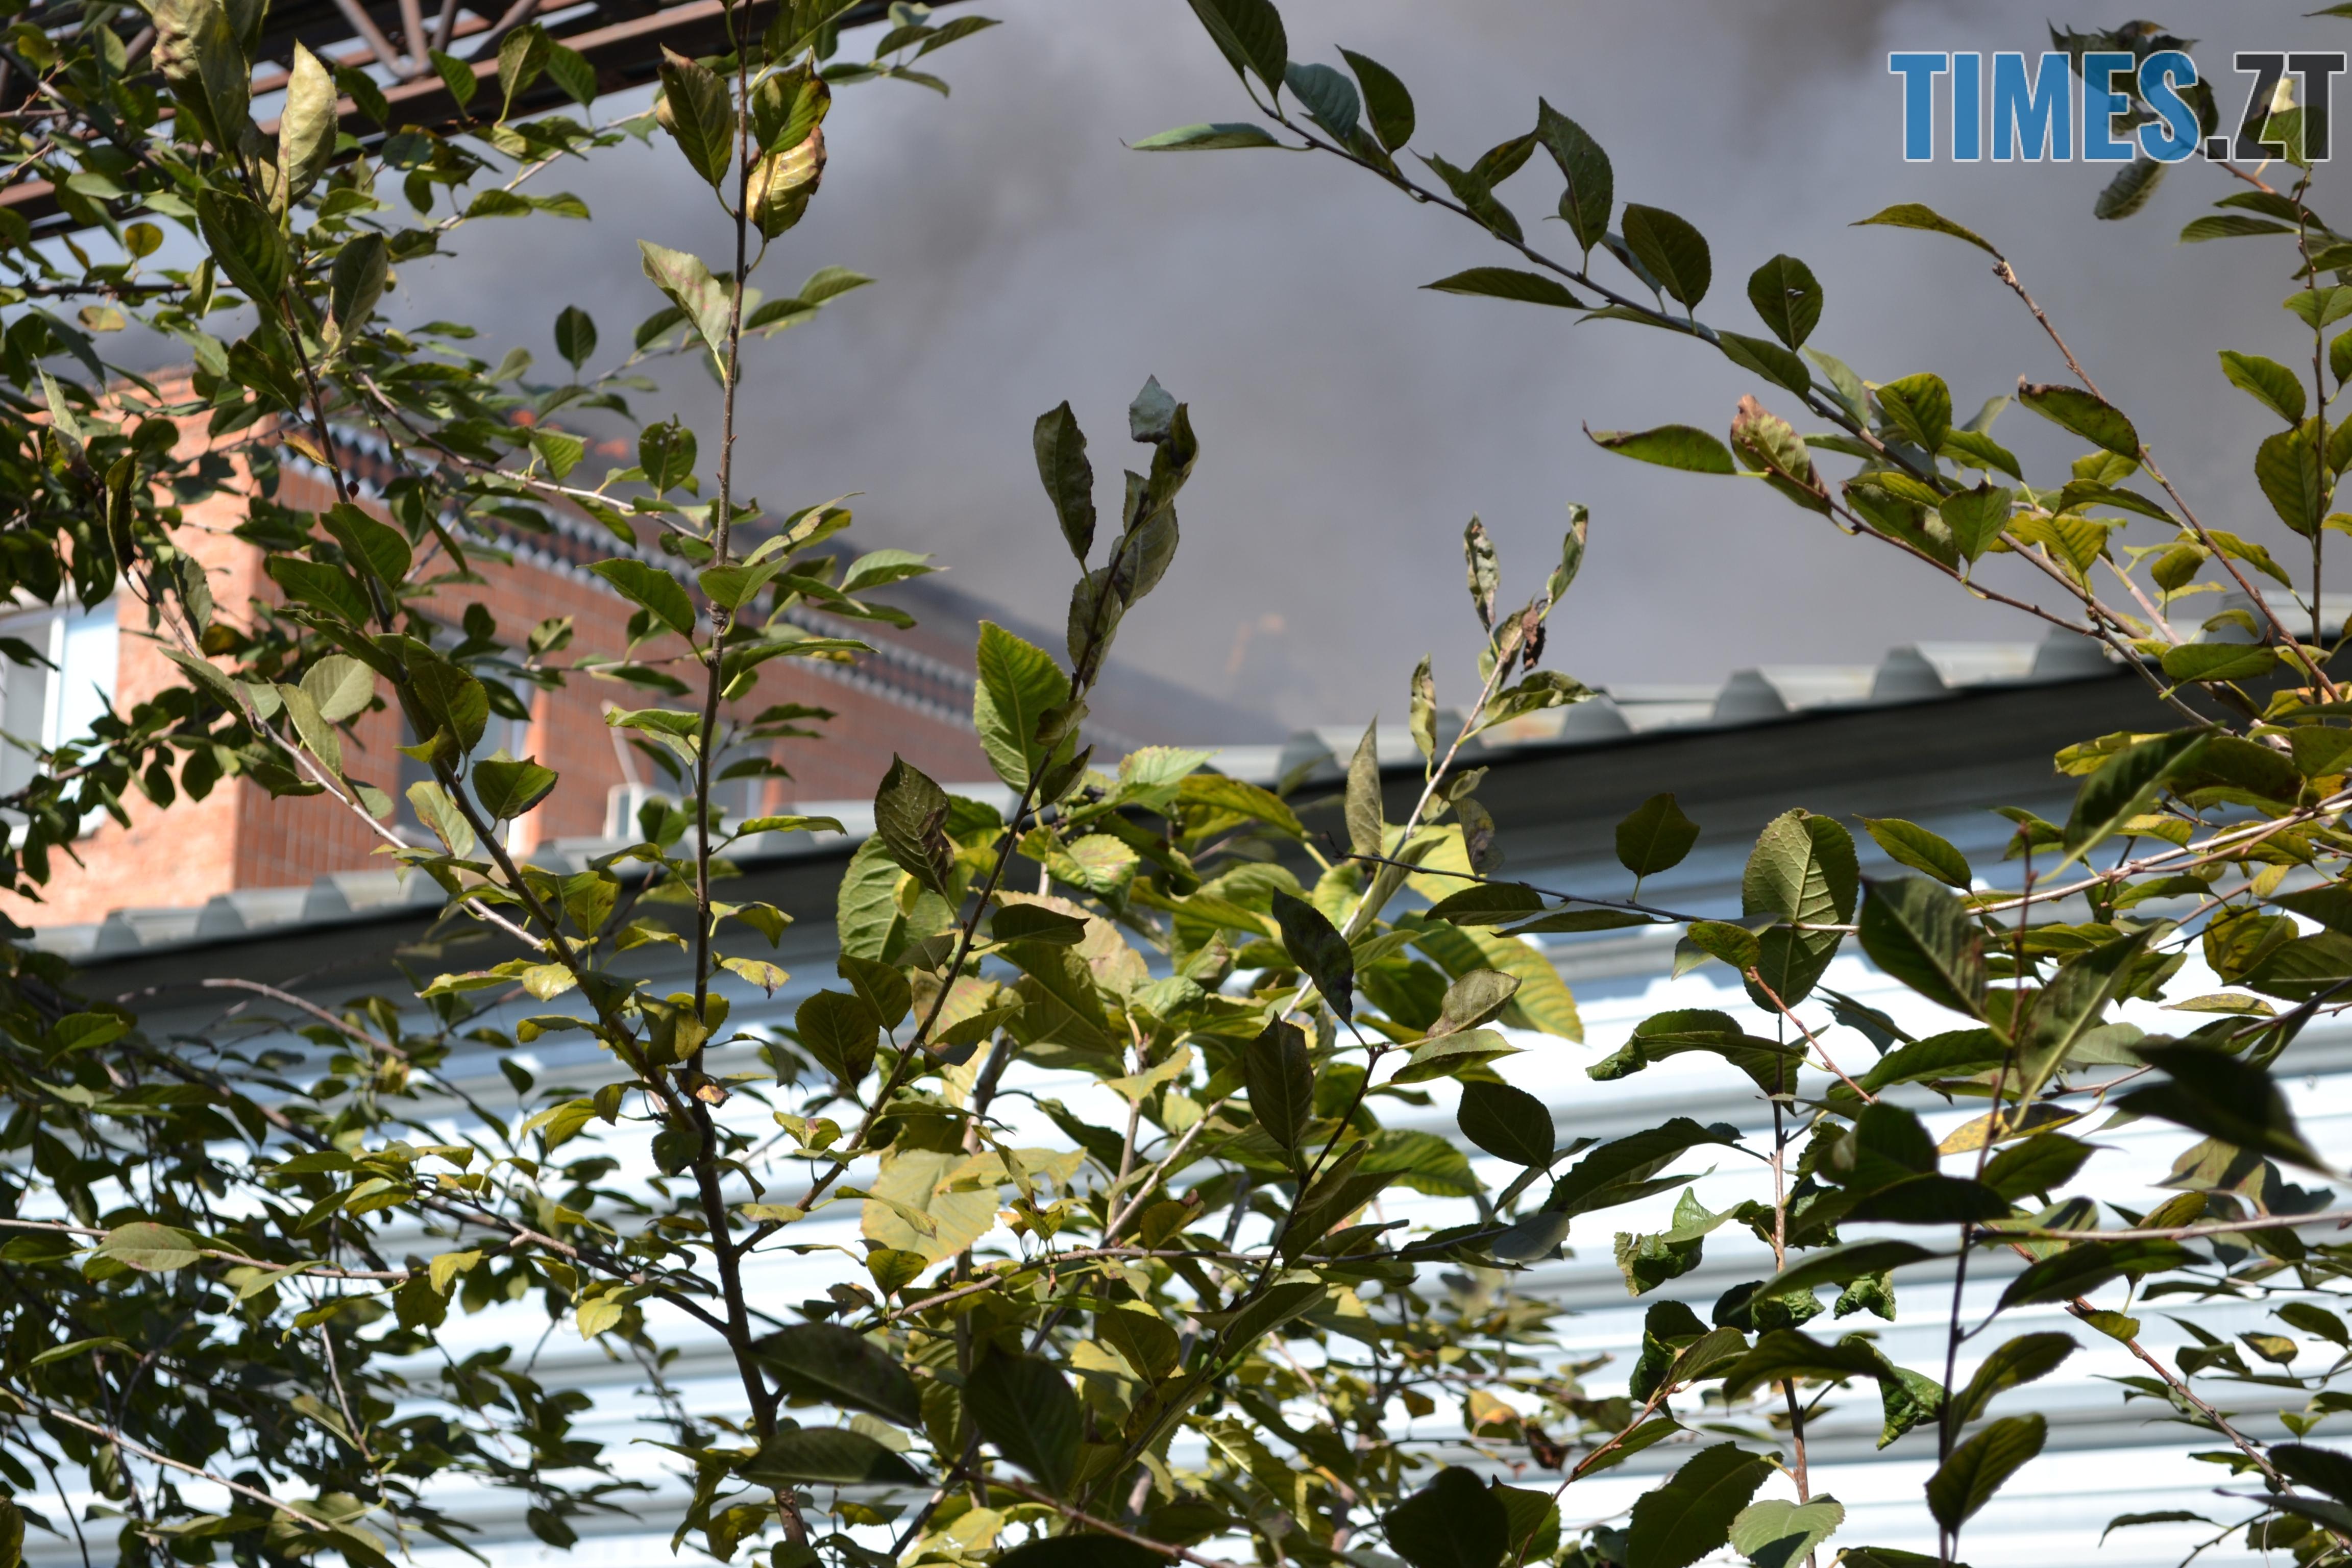 DSC 2921 - Вогонь перекинувся на адмінбудівлю Картонного комбінату: пожежу гасять 11 автомобілів та 63 пожежники (ФОТО, ВІДЕО)